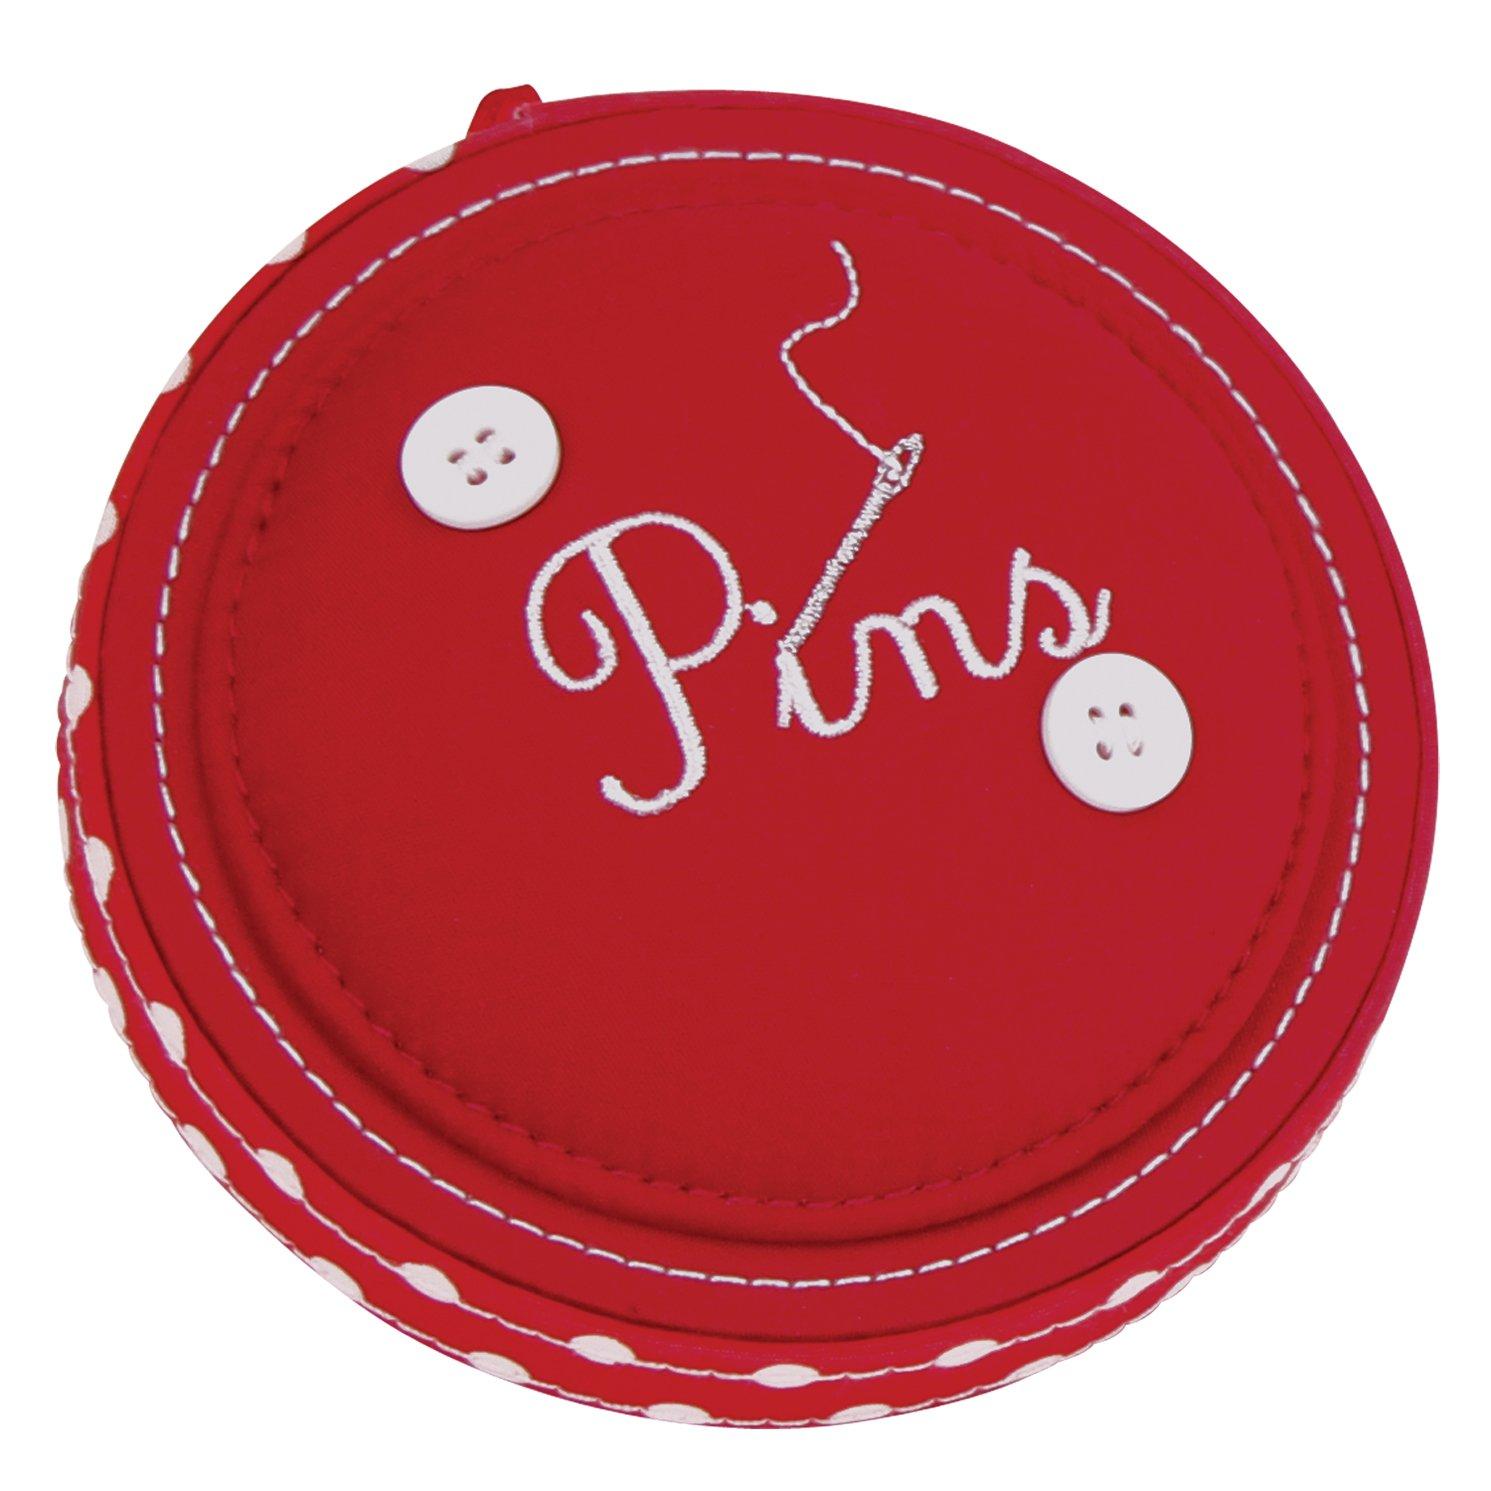 Button It Pin Cushion - Red Polka Dot 319 London Clock Company 82319